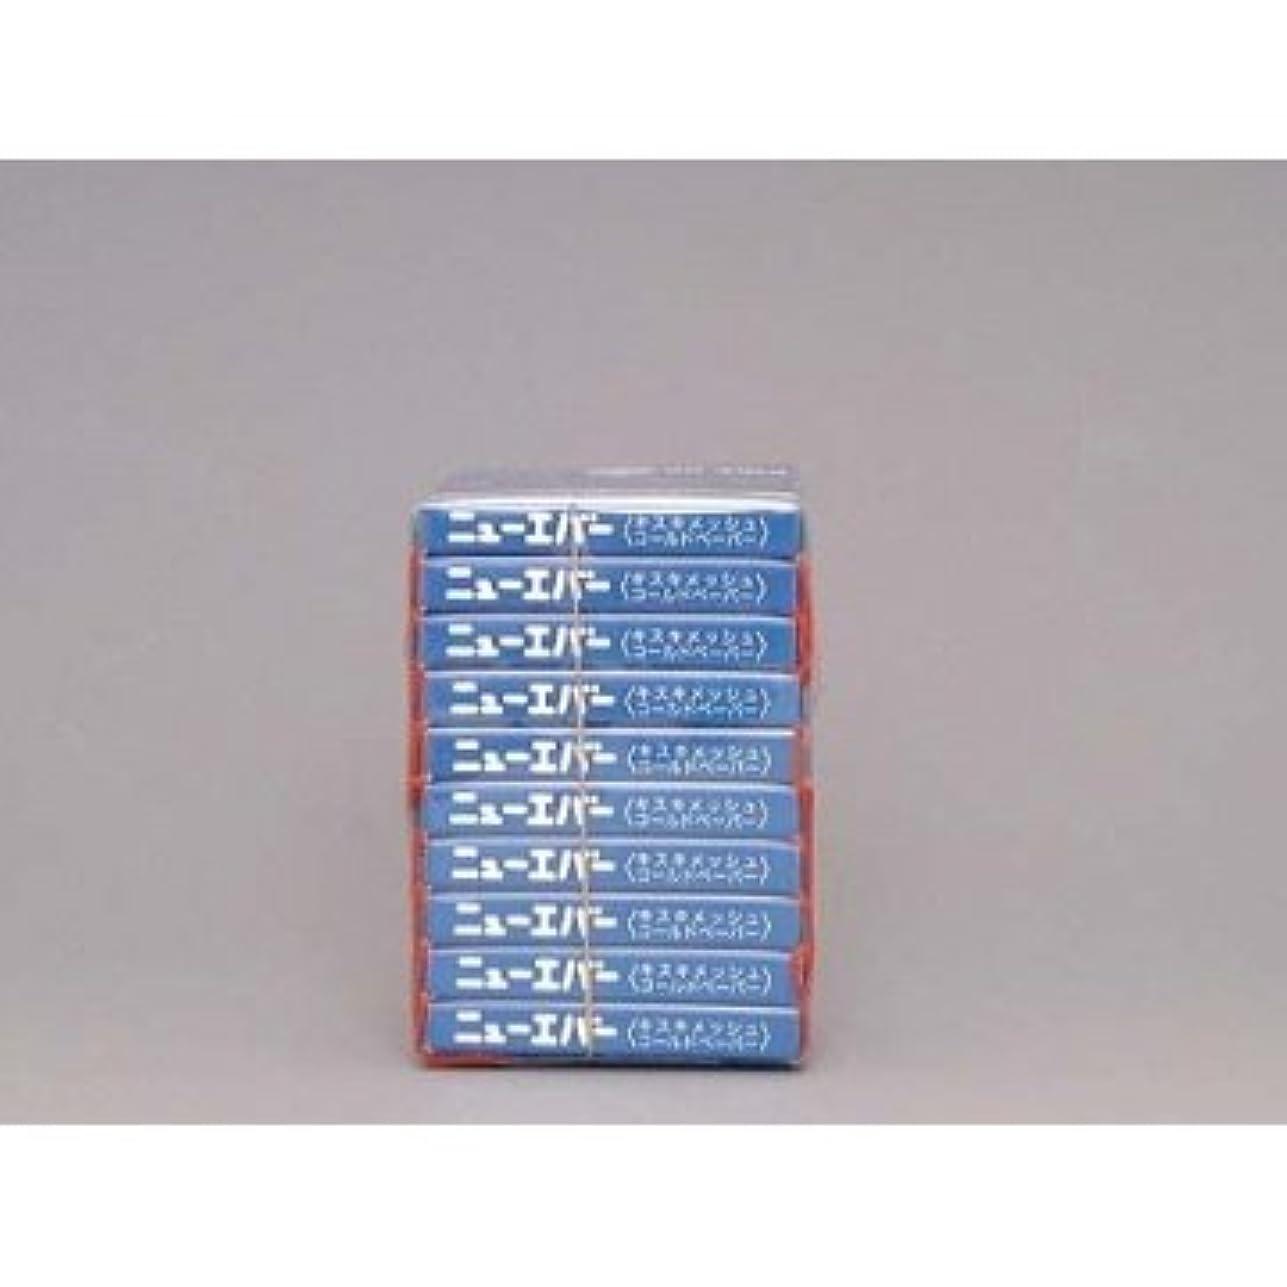 ピンチ無線鳥米正 ニューエバー ピックアップ ハンディタイプL キスキメッシュコールドペーパー 100枚×10ケ入 ブルー